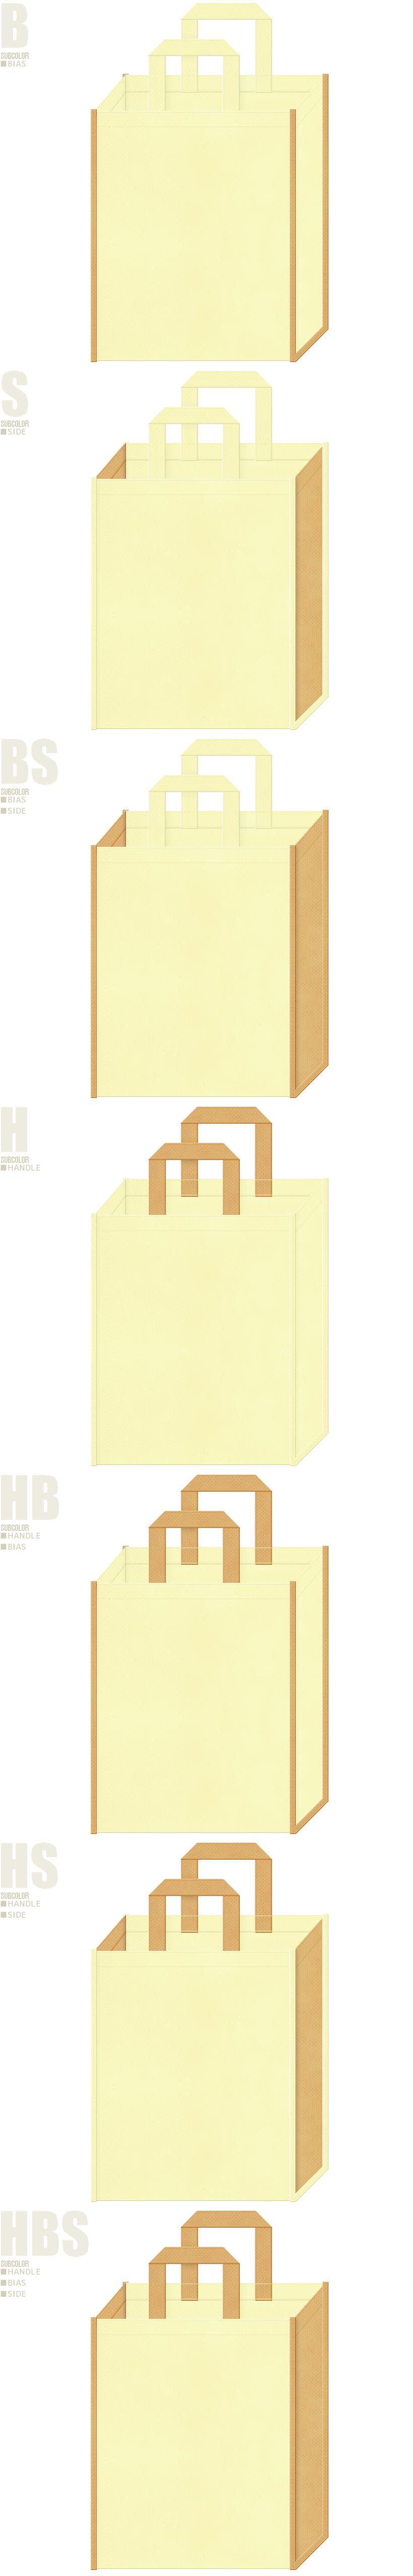 薄黄色と薄黄土色、7パターンの不織布トートバッグ配色デザイン例。ガーリーな不織布バッグにお奨めです。